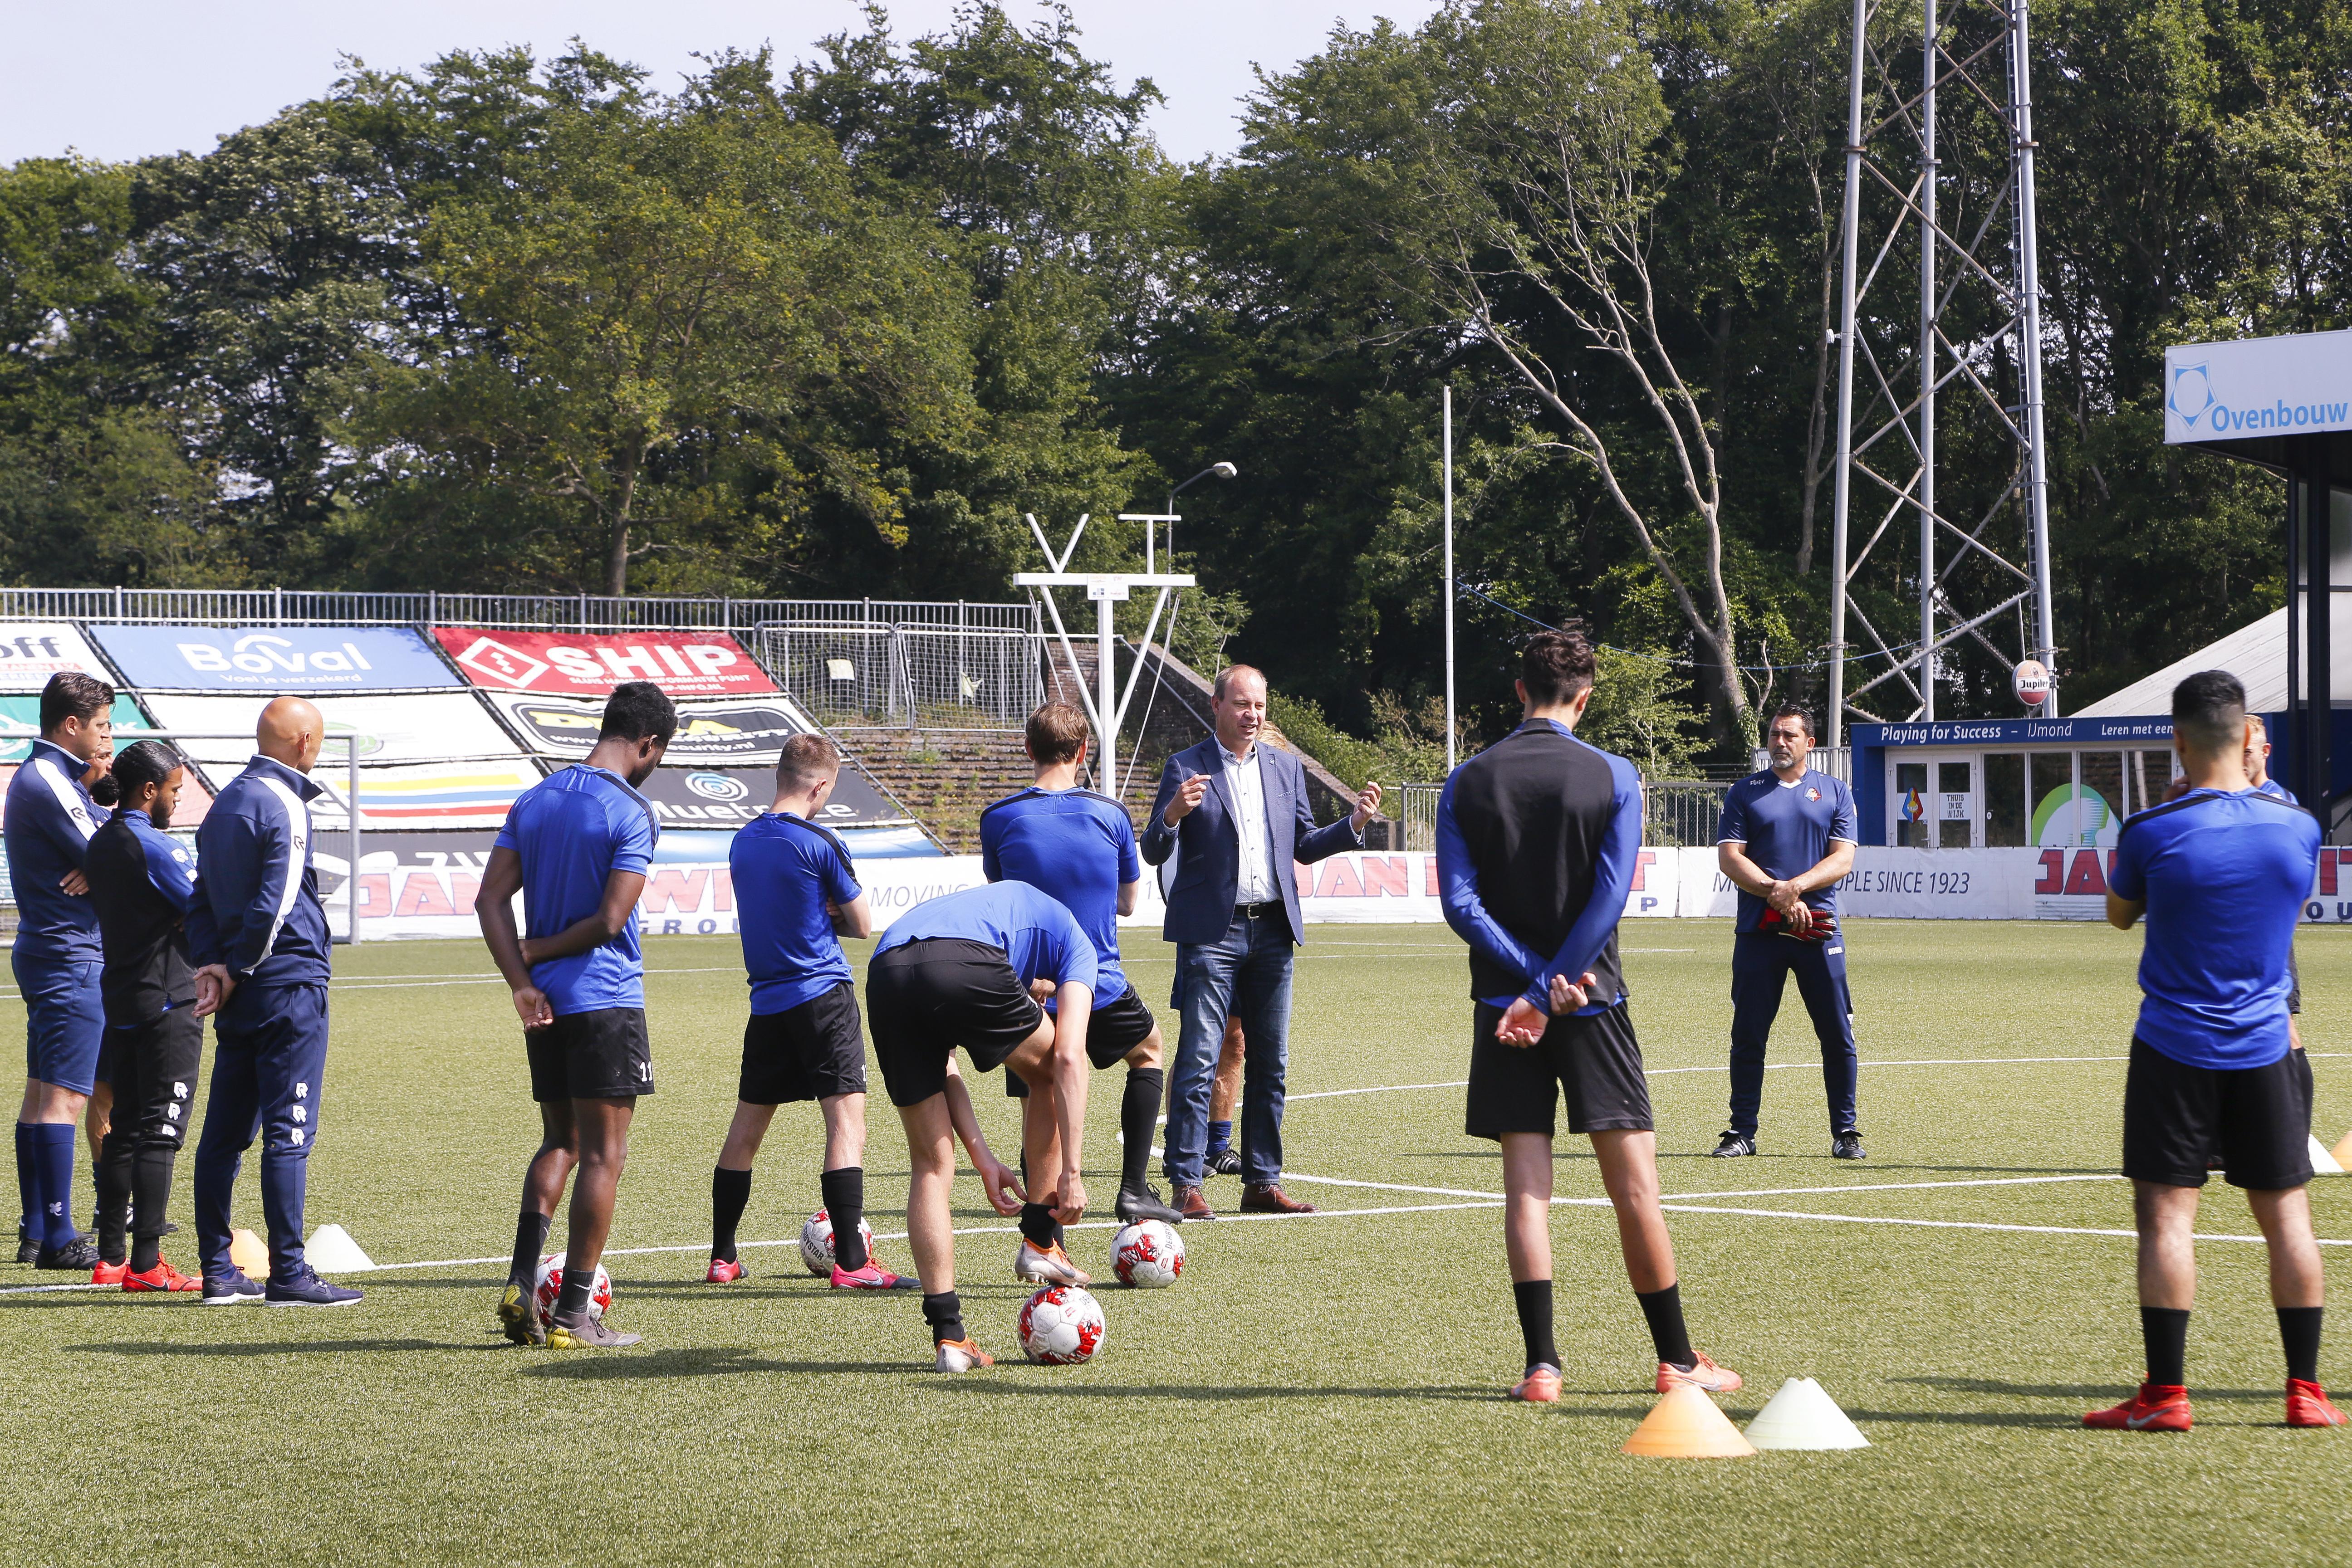 Wethouder Diepstraten steekt spelers en staf Telstar hart onder de riem: 'Ik weet hoe het voelt om niet te kunnen spelen op hoog niveau'